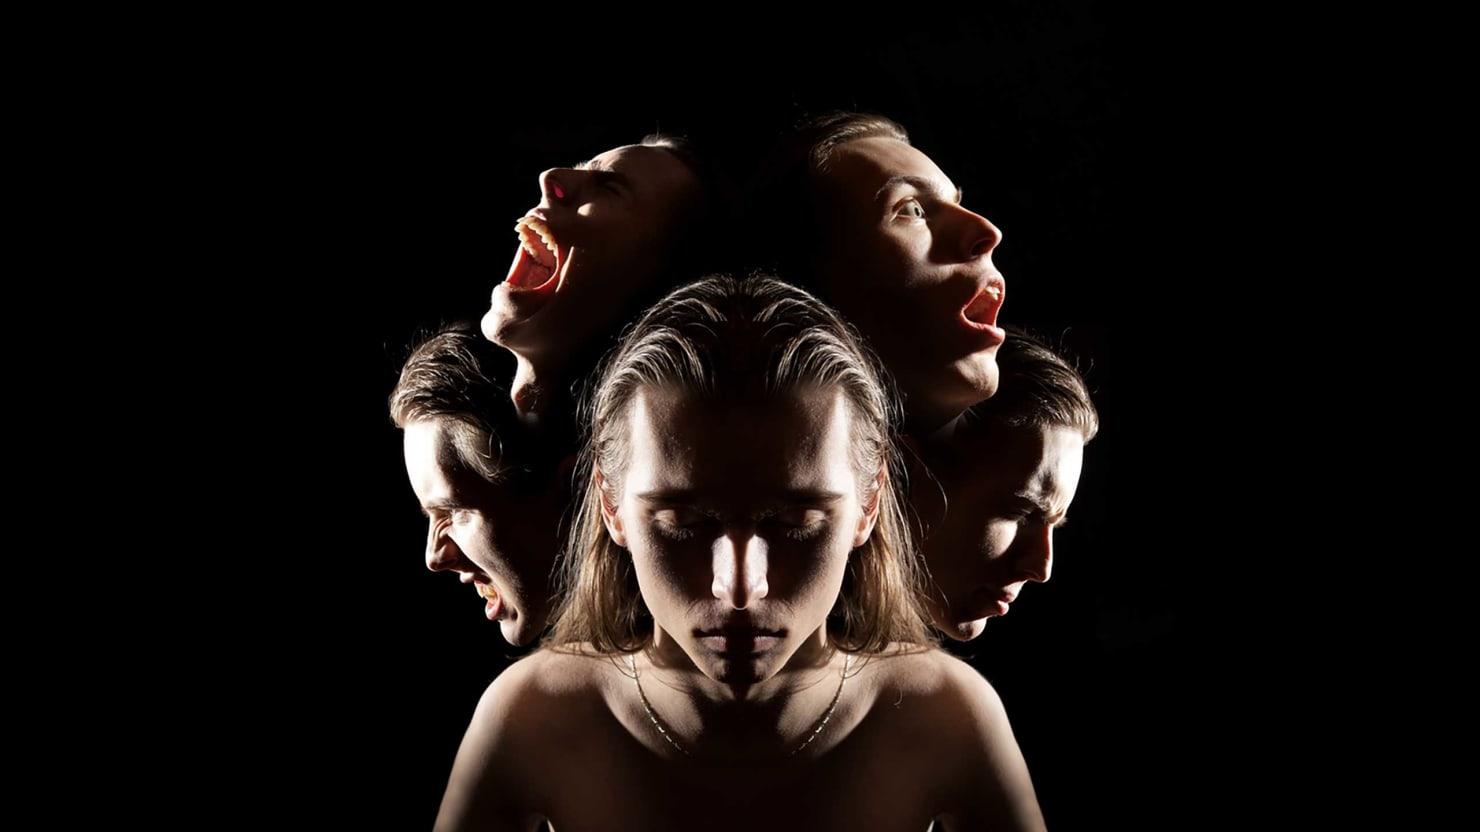 sizofreni-hastalari-kac-yil-yasar